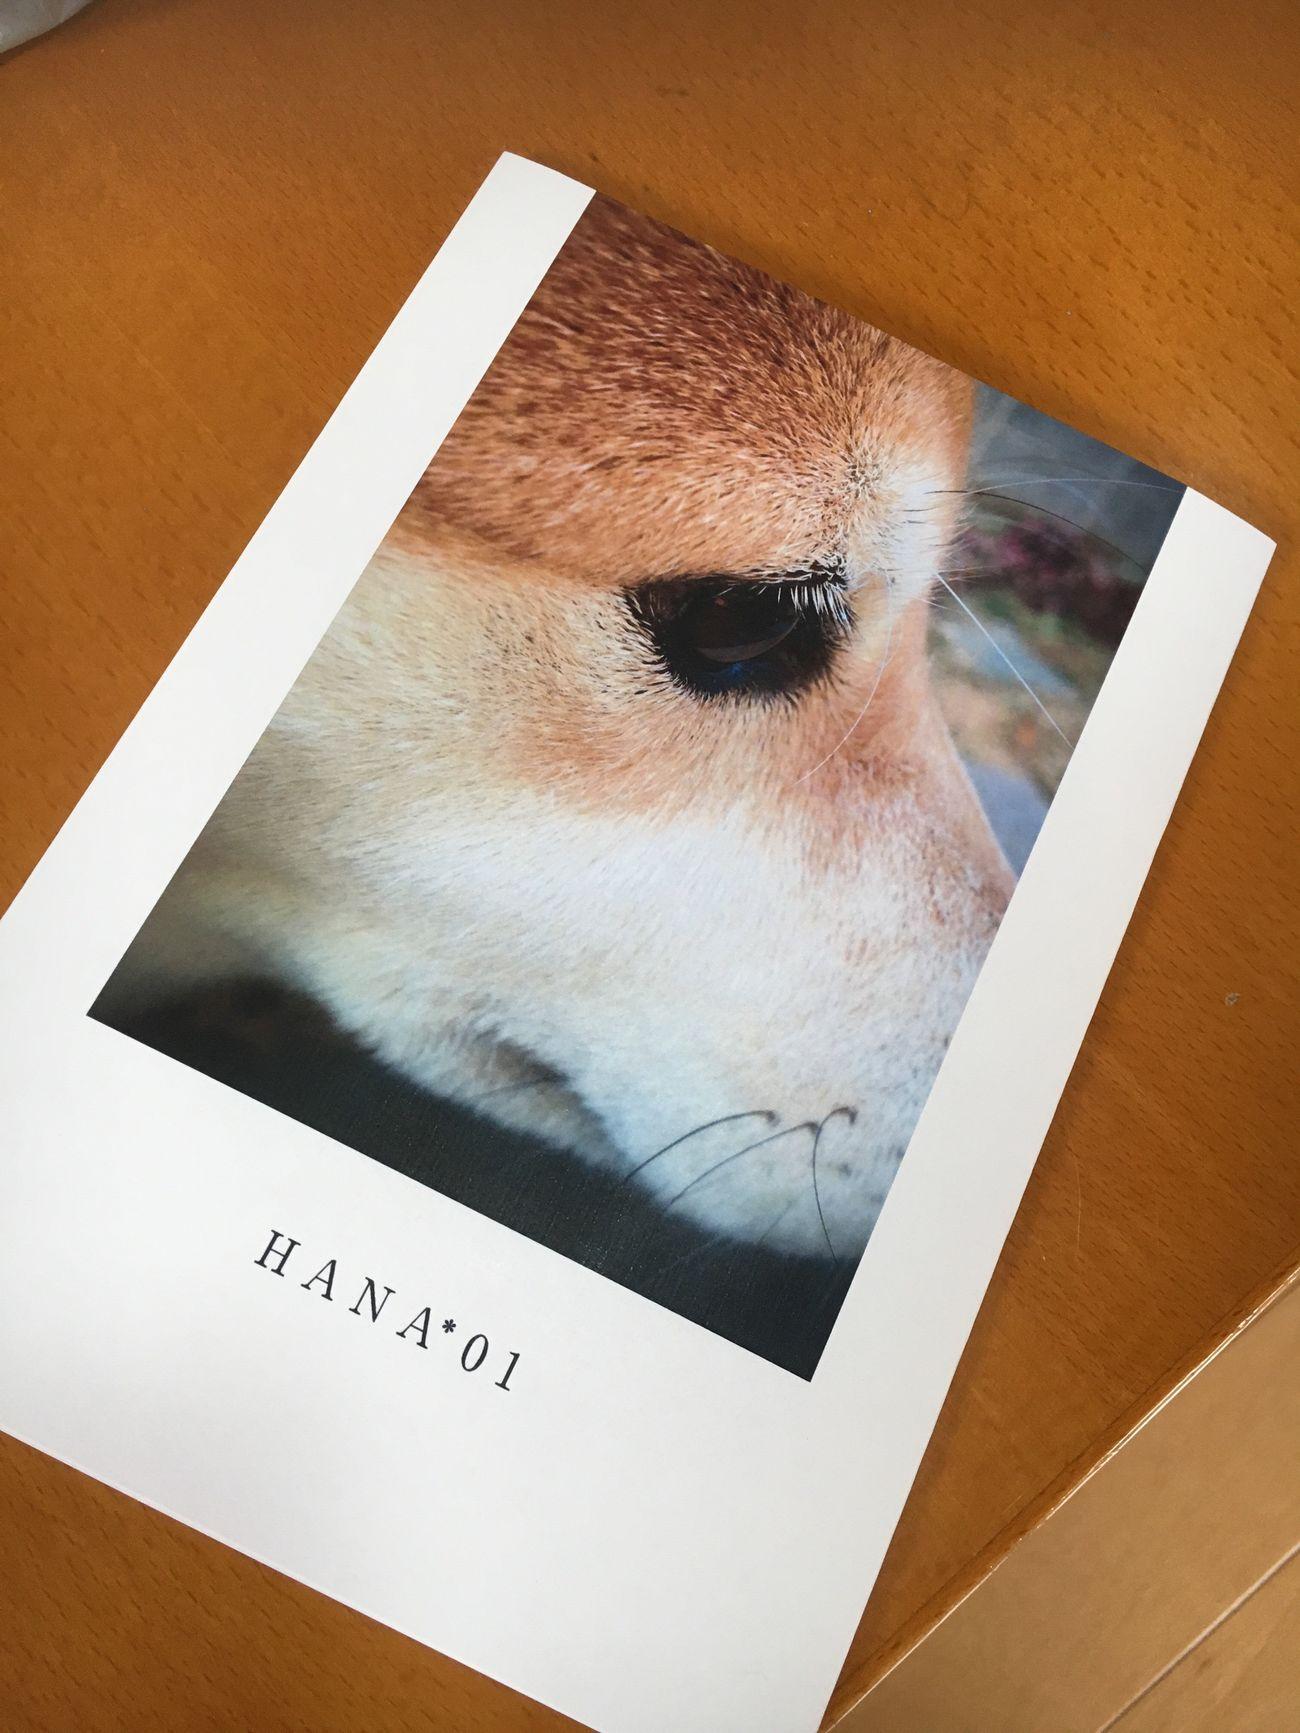 花の写真集届いた。しまうまプリントのフォトブック、予想以上に良かった Close-up Shiba Inu LOVE Shiba Inu Photobook